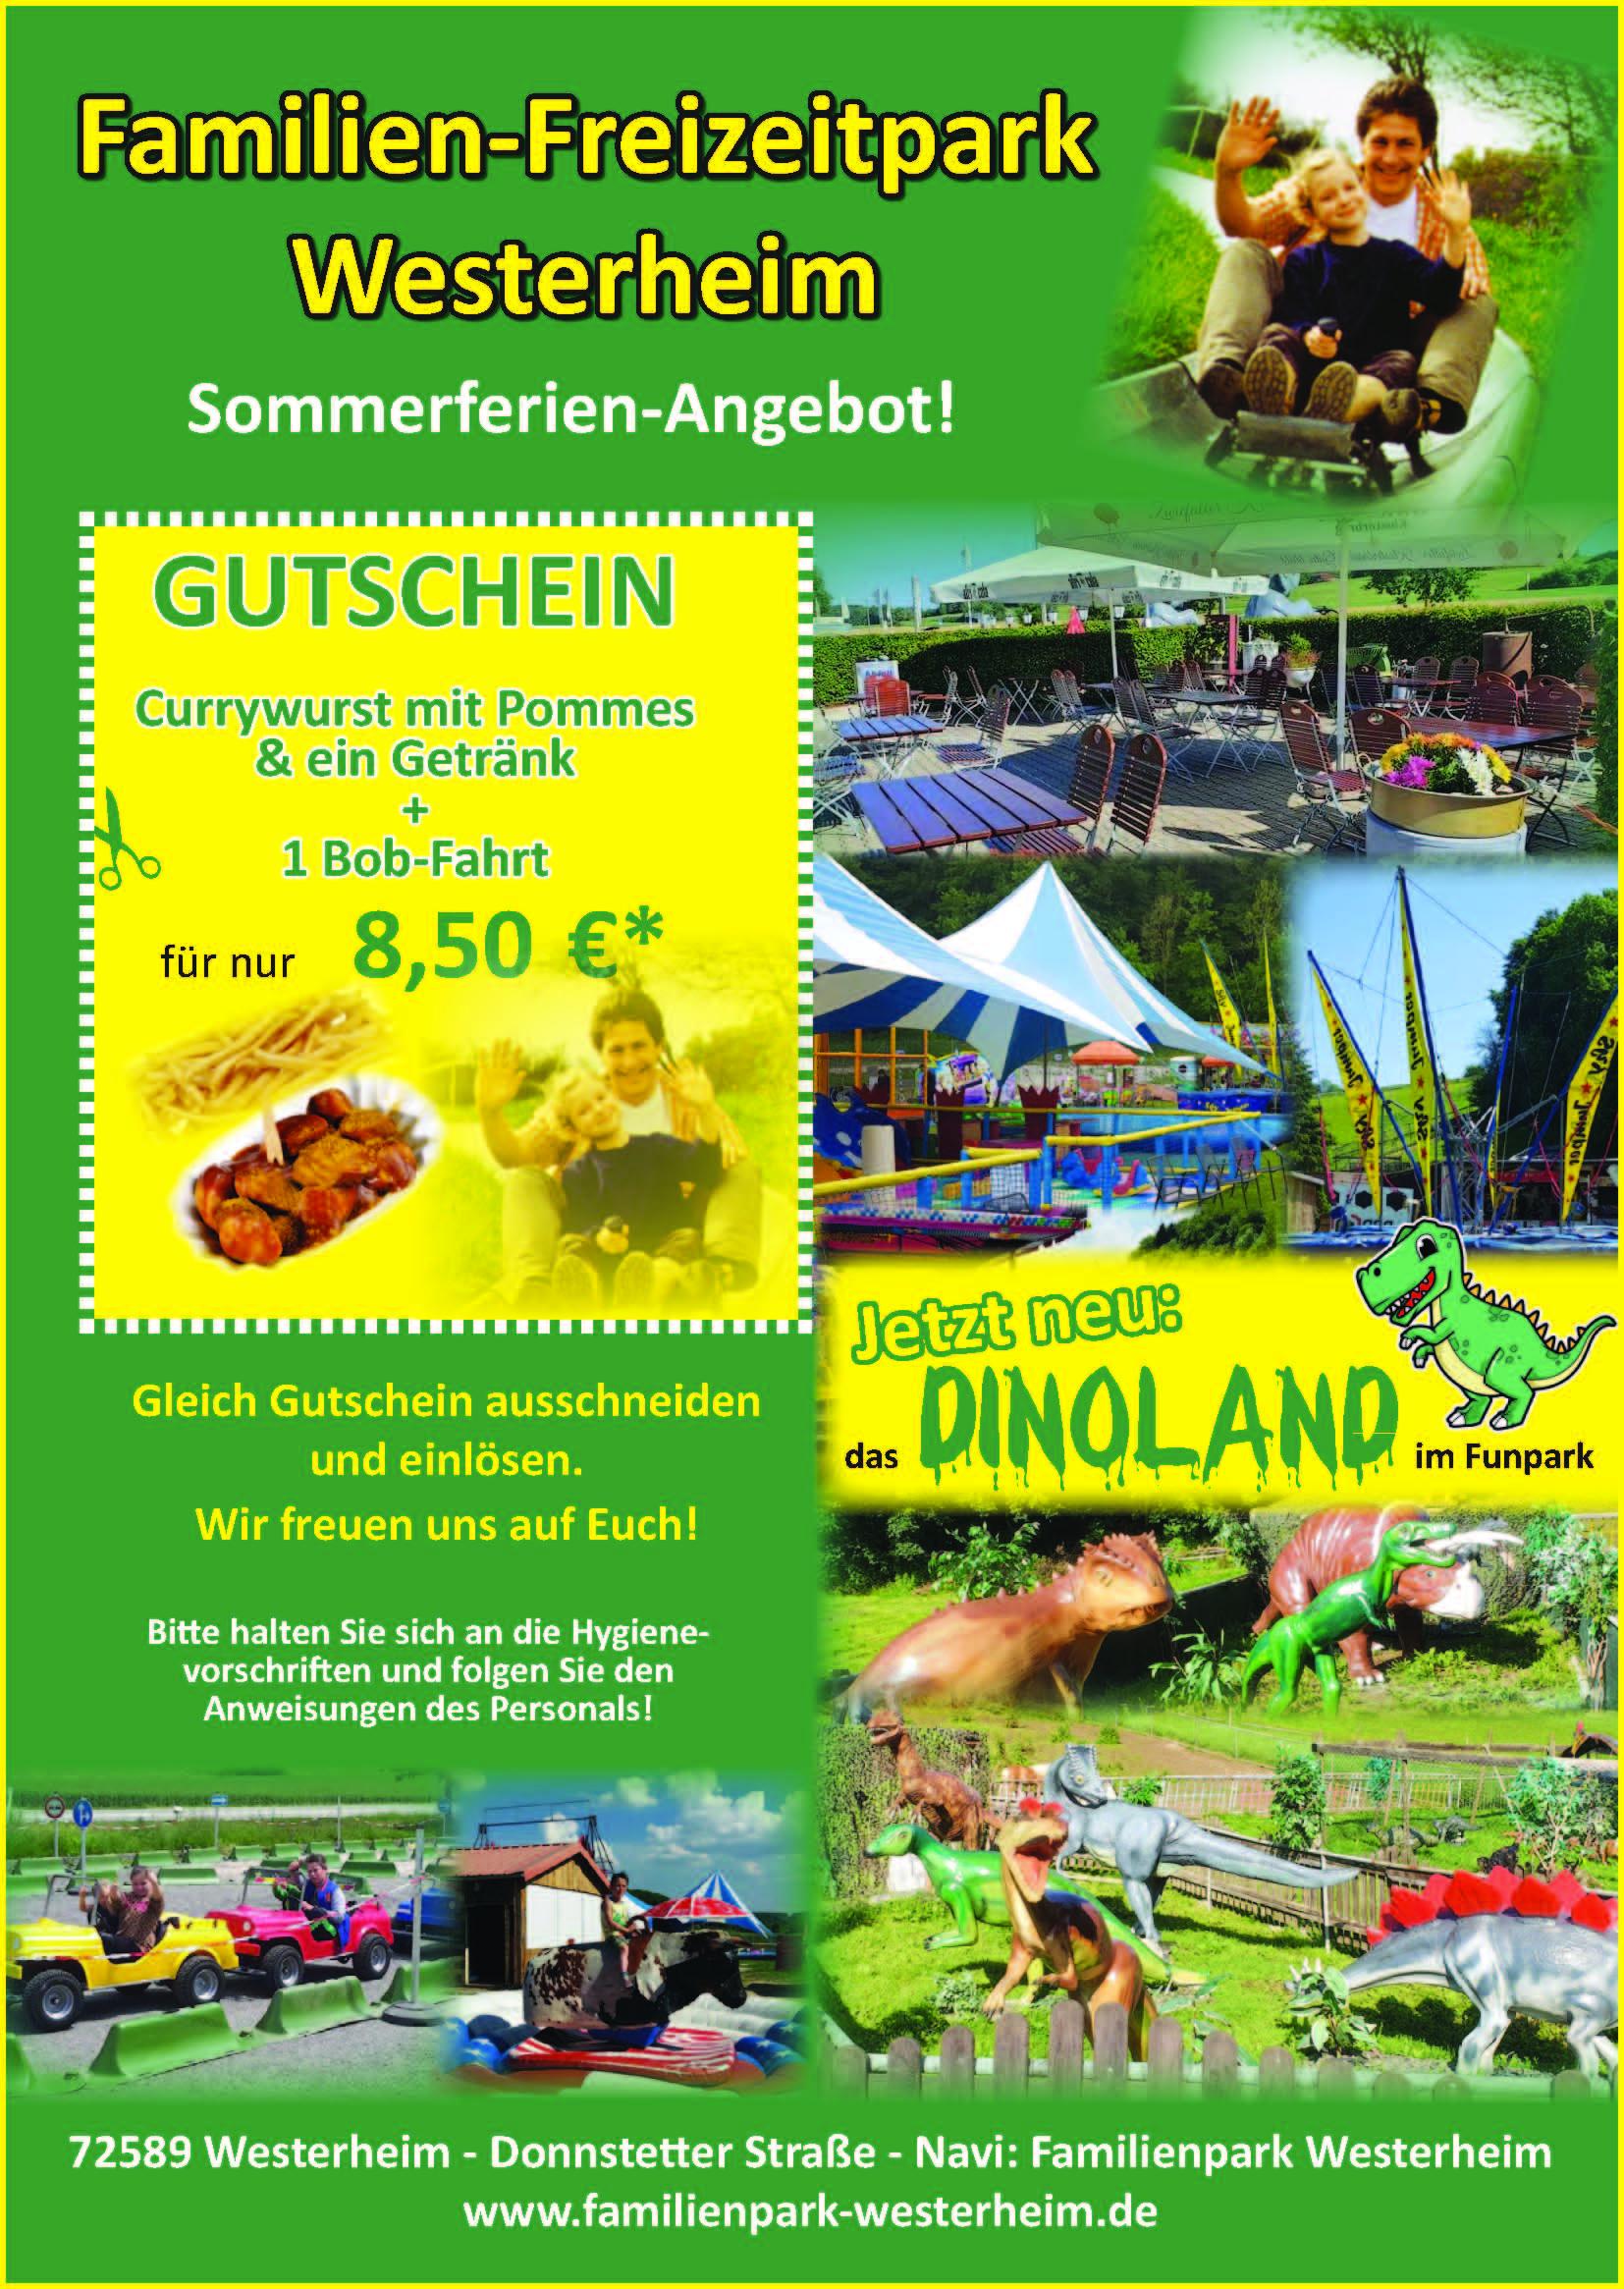 Familienpark Westerheim Sommer 2021